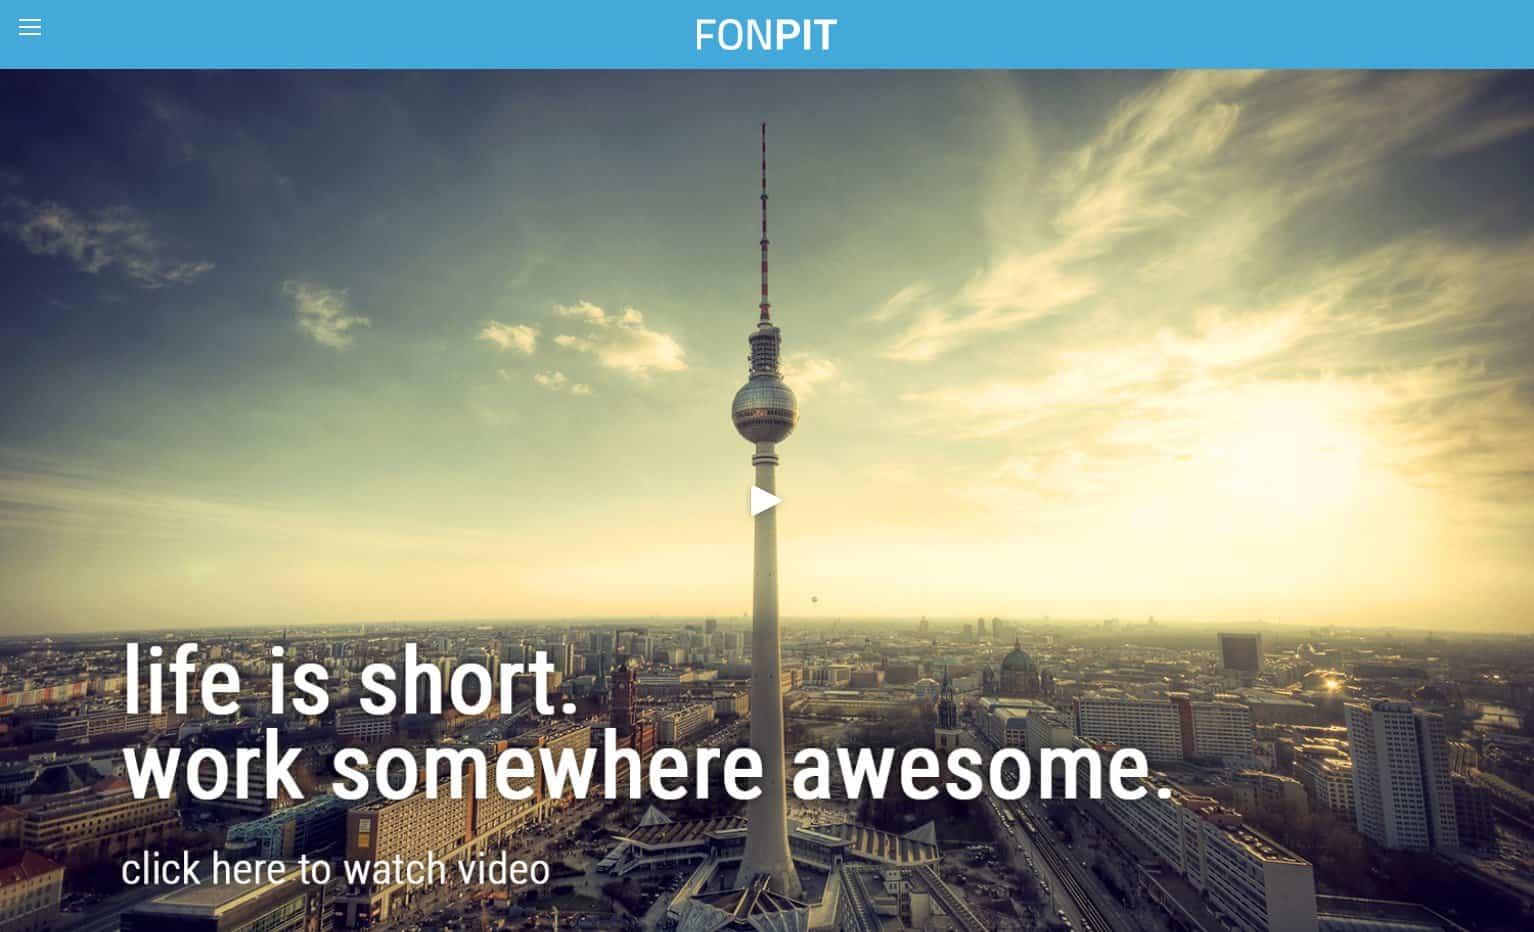 Fonpit website